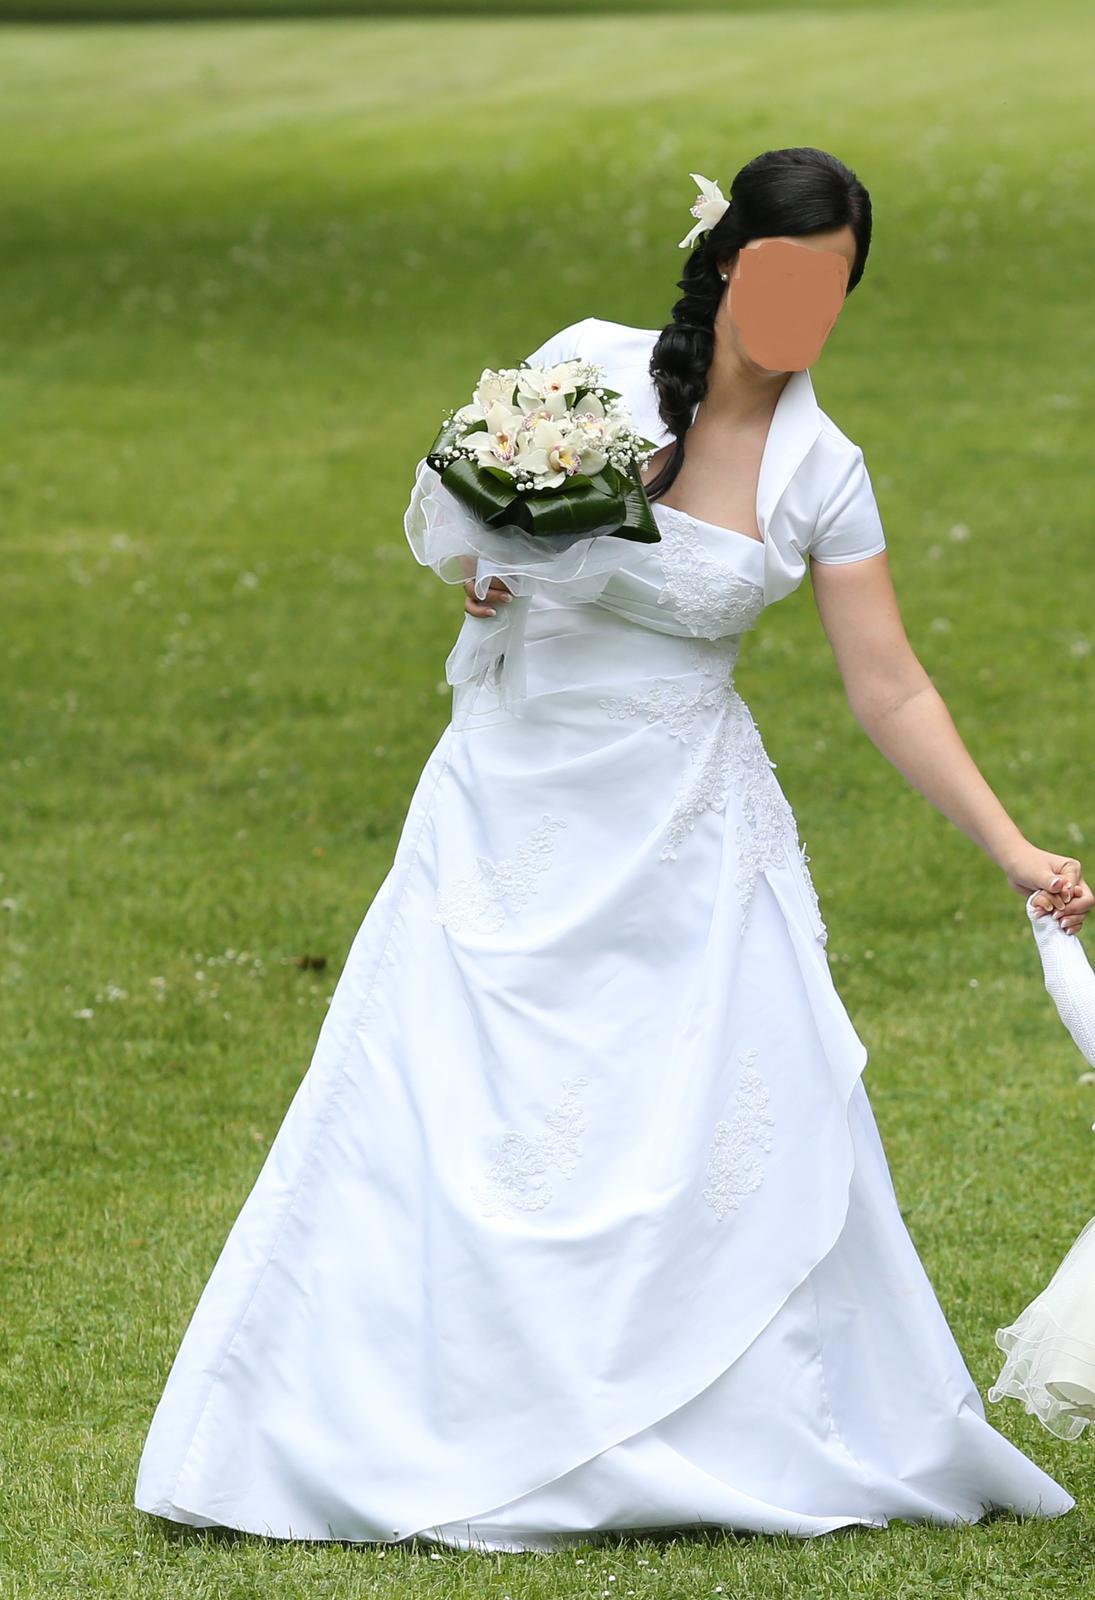 snehobiele svadobné šaty aj s bolerkom 36-38 - Obrázok č. 2